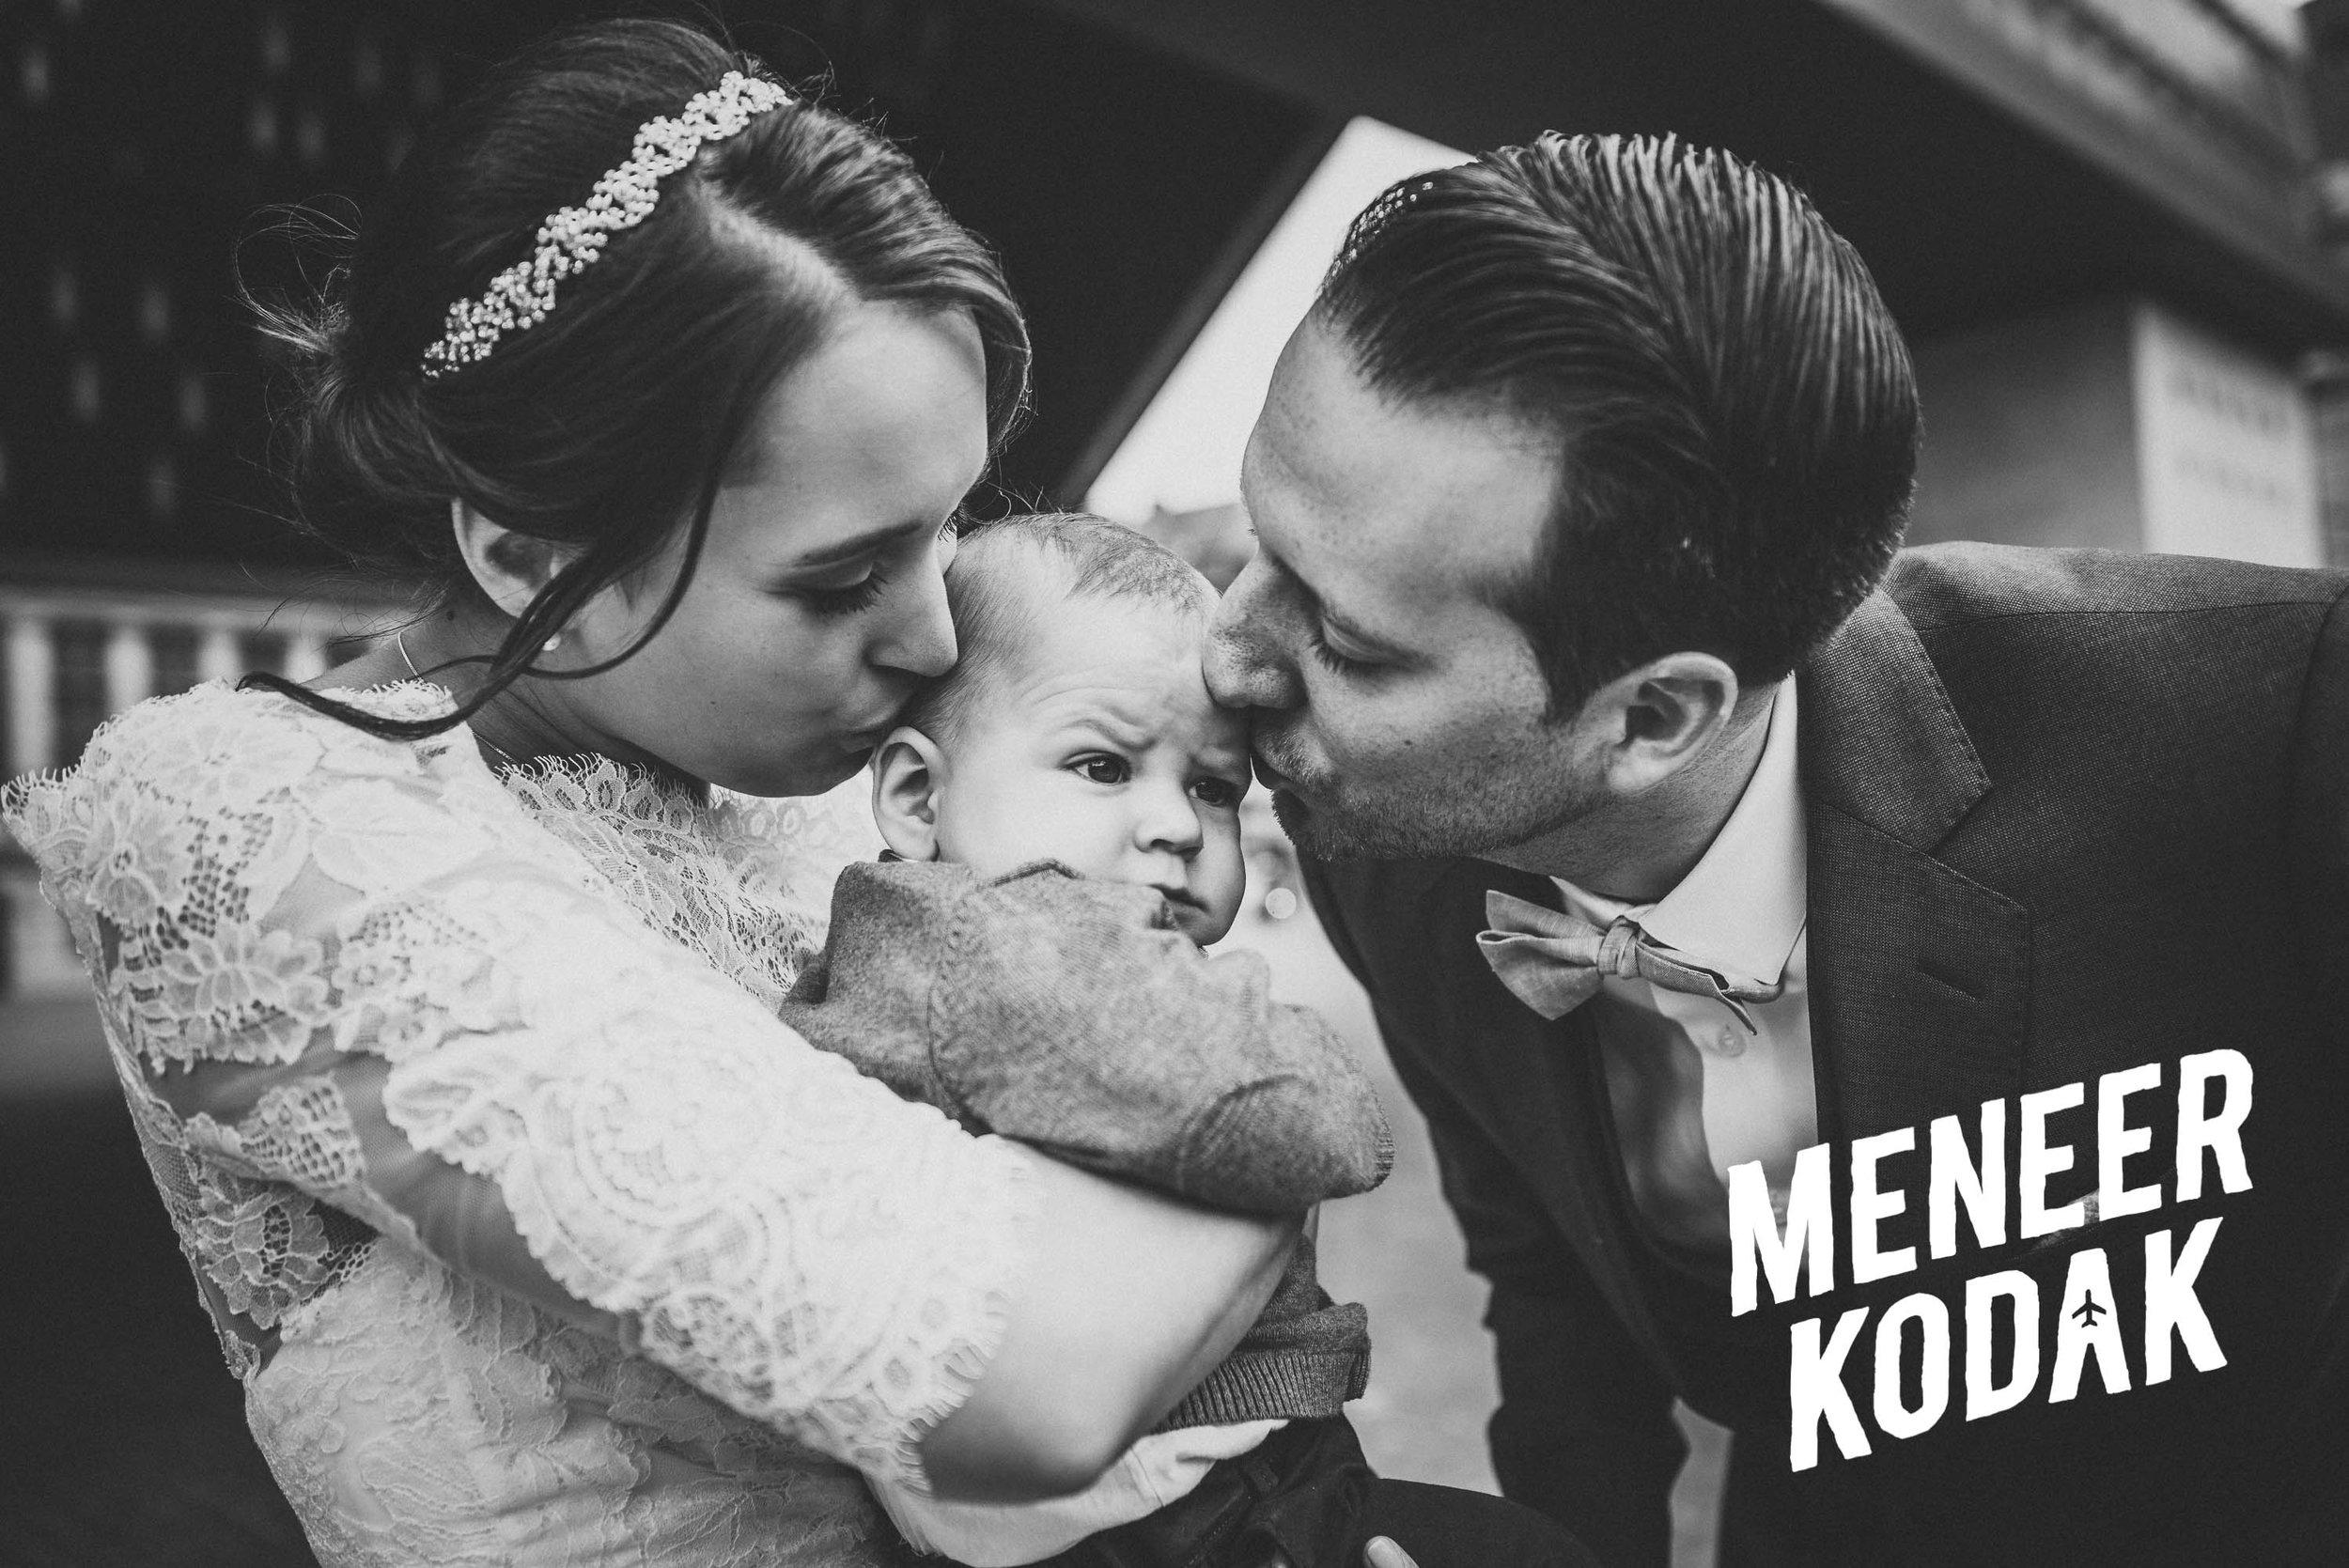 Meneer Kodak - Trouwfotograaf - Gent - D&T-031.jpg